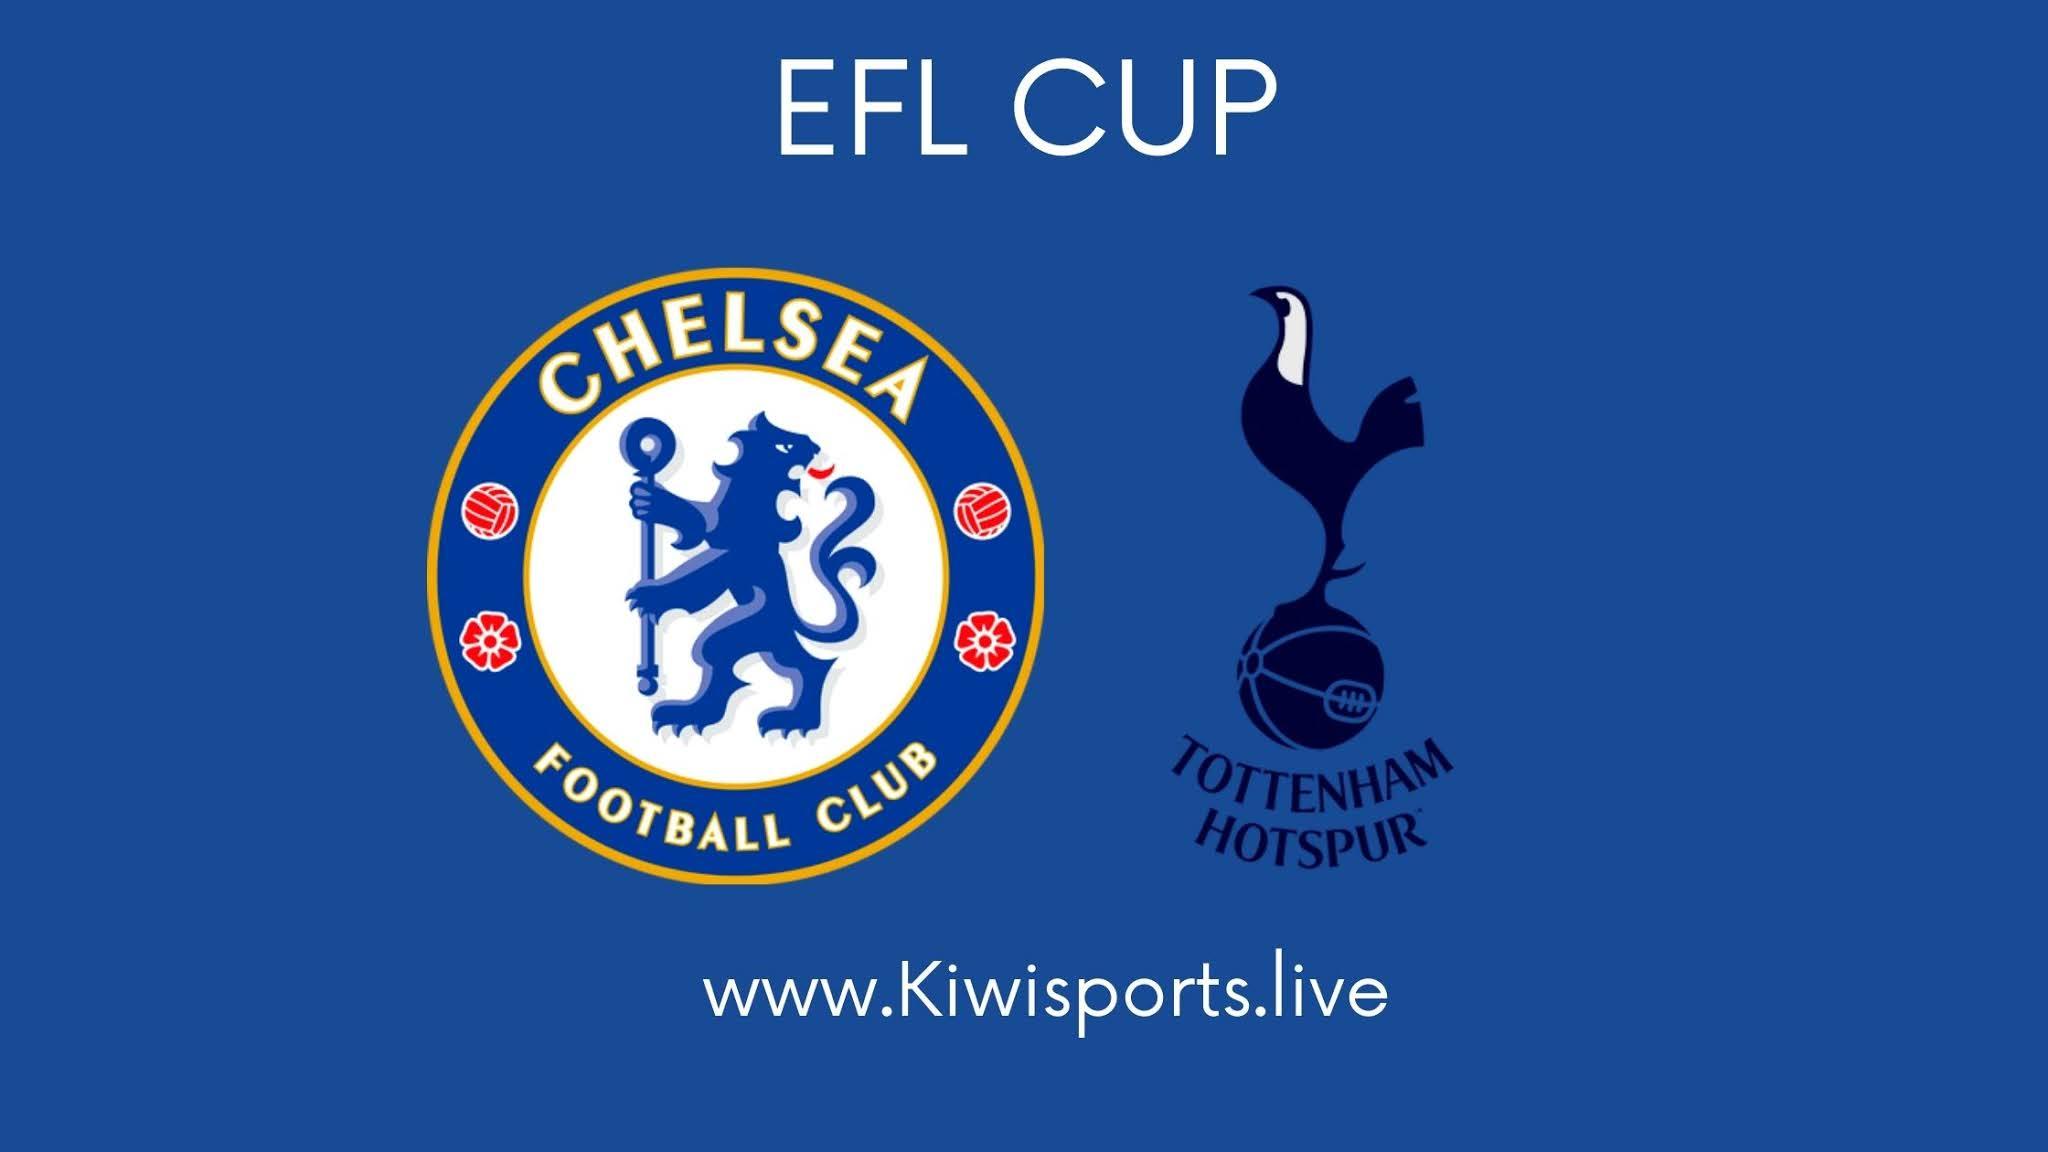 chelsea vs tottenham: Schedule & Live Stream | EFL CUP